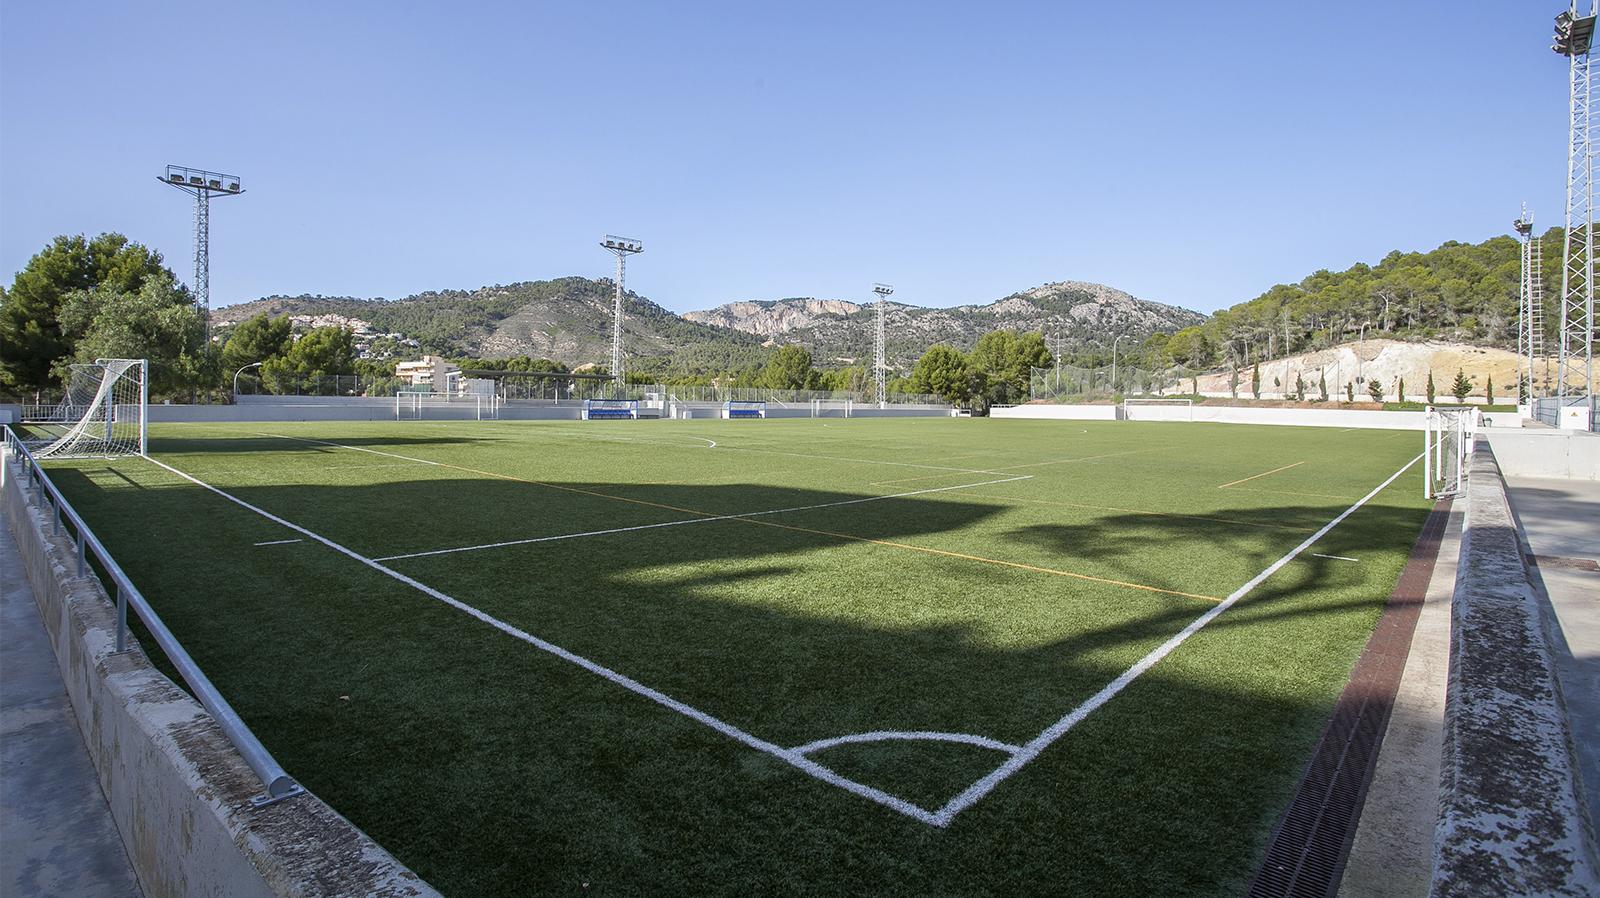 Football pitch in Peguera. Entrenar fútbol en Mallorca. Campo de fútbol de Peguera